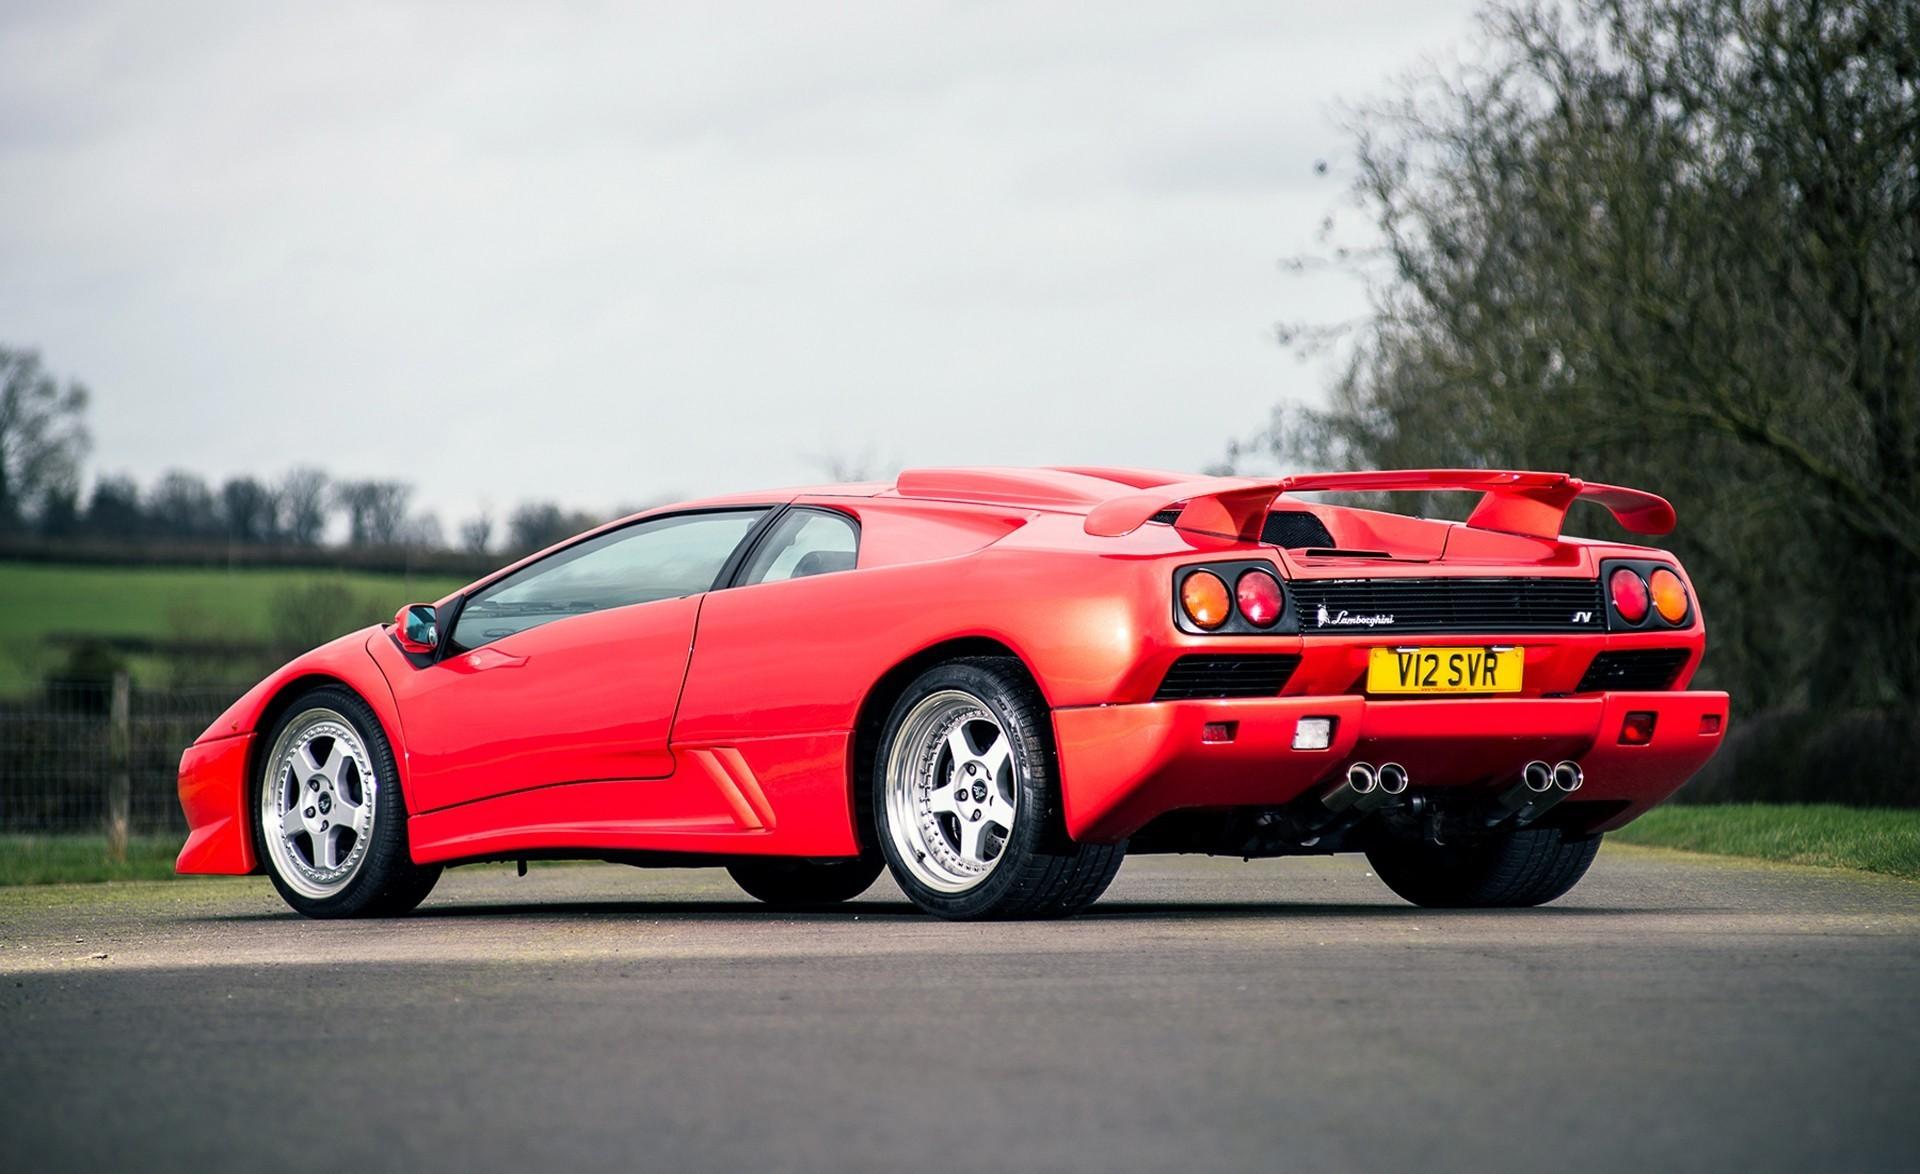 Wallpaper  red cars, sports car, Ferrari F430, Ferrari F40